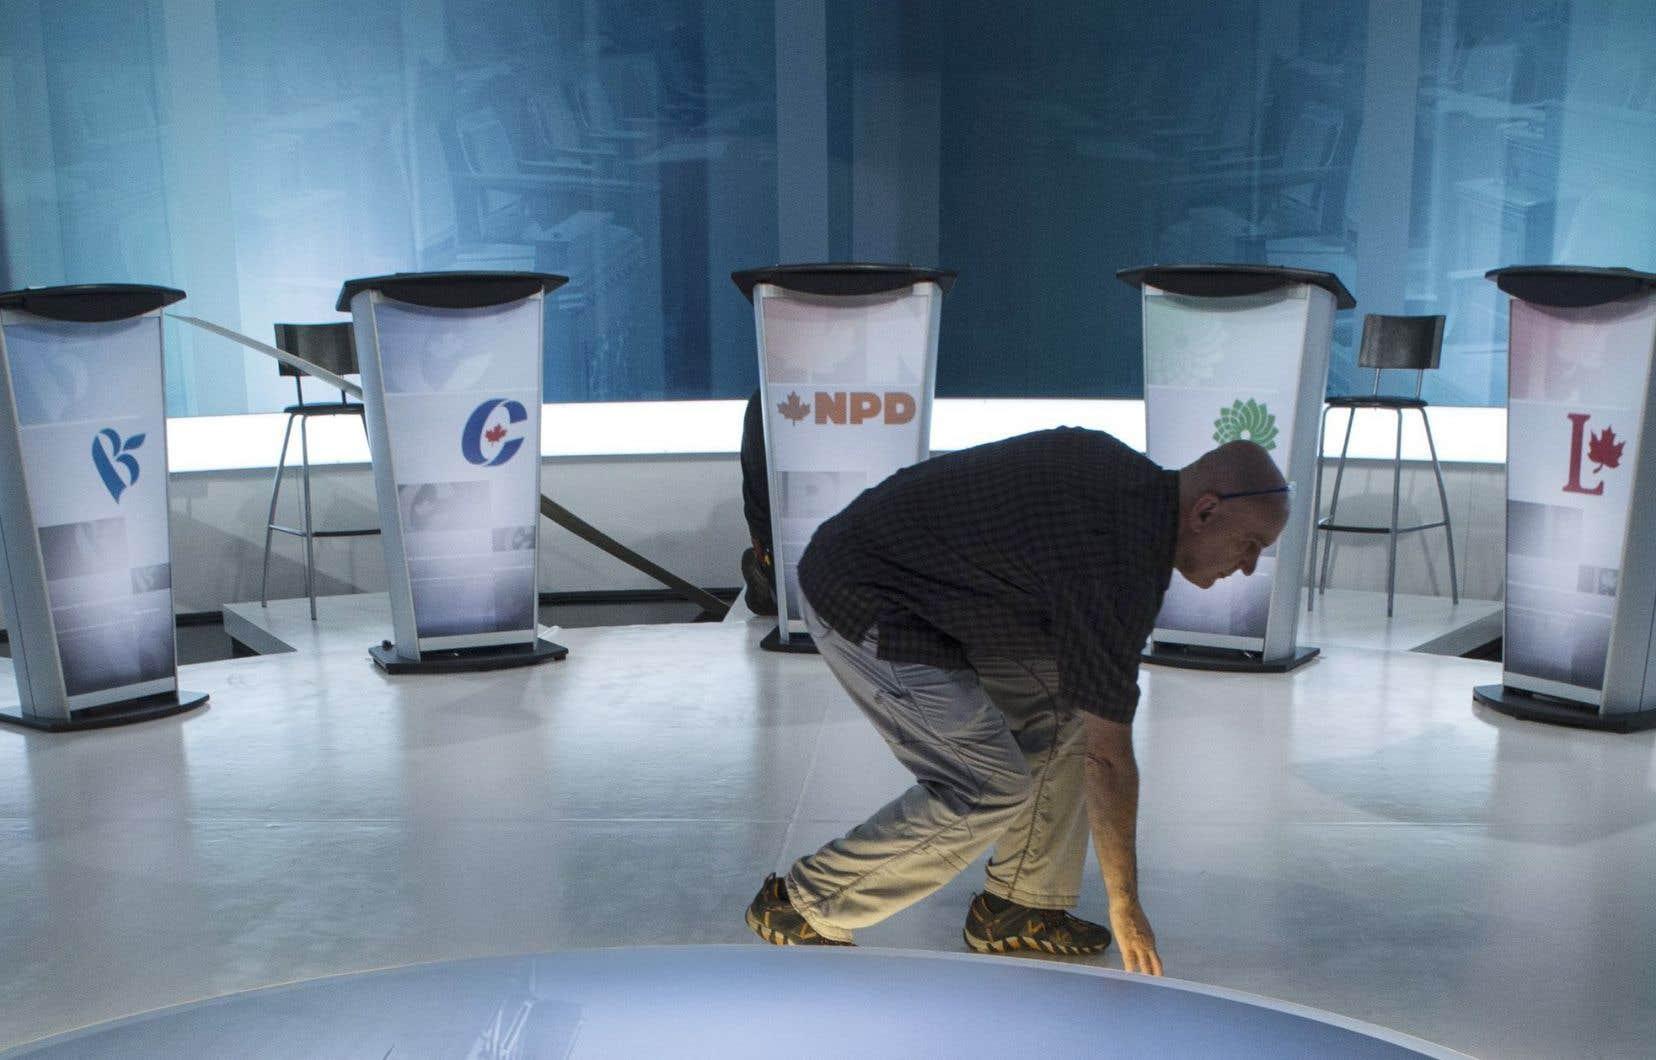 Un débat télévisé sur la politique étrangère forcerait les chefs à sortir du registre des slogans et à exposer dans le détail leur vision du monde et la place que le Canada devrait y occuper, fait valoir l'auteur.